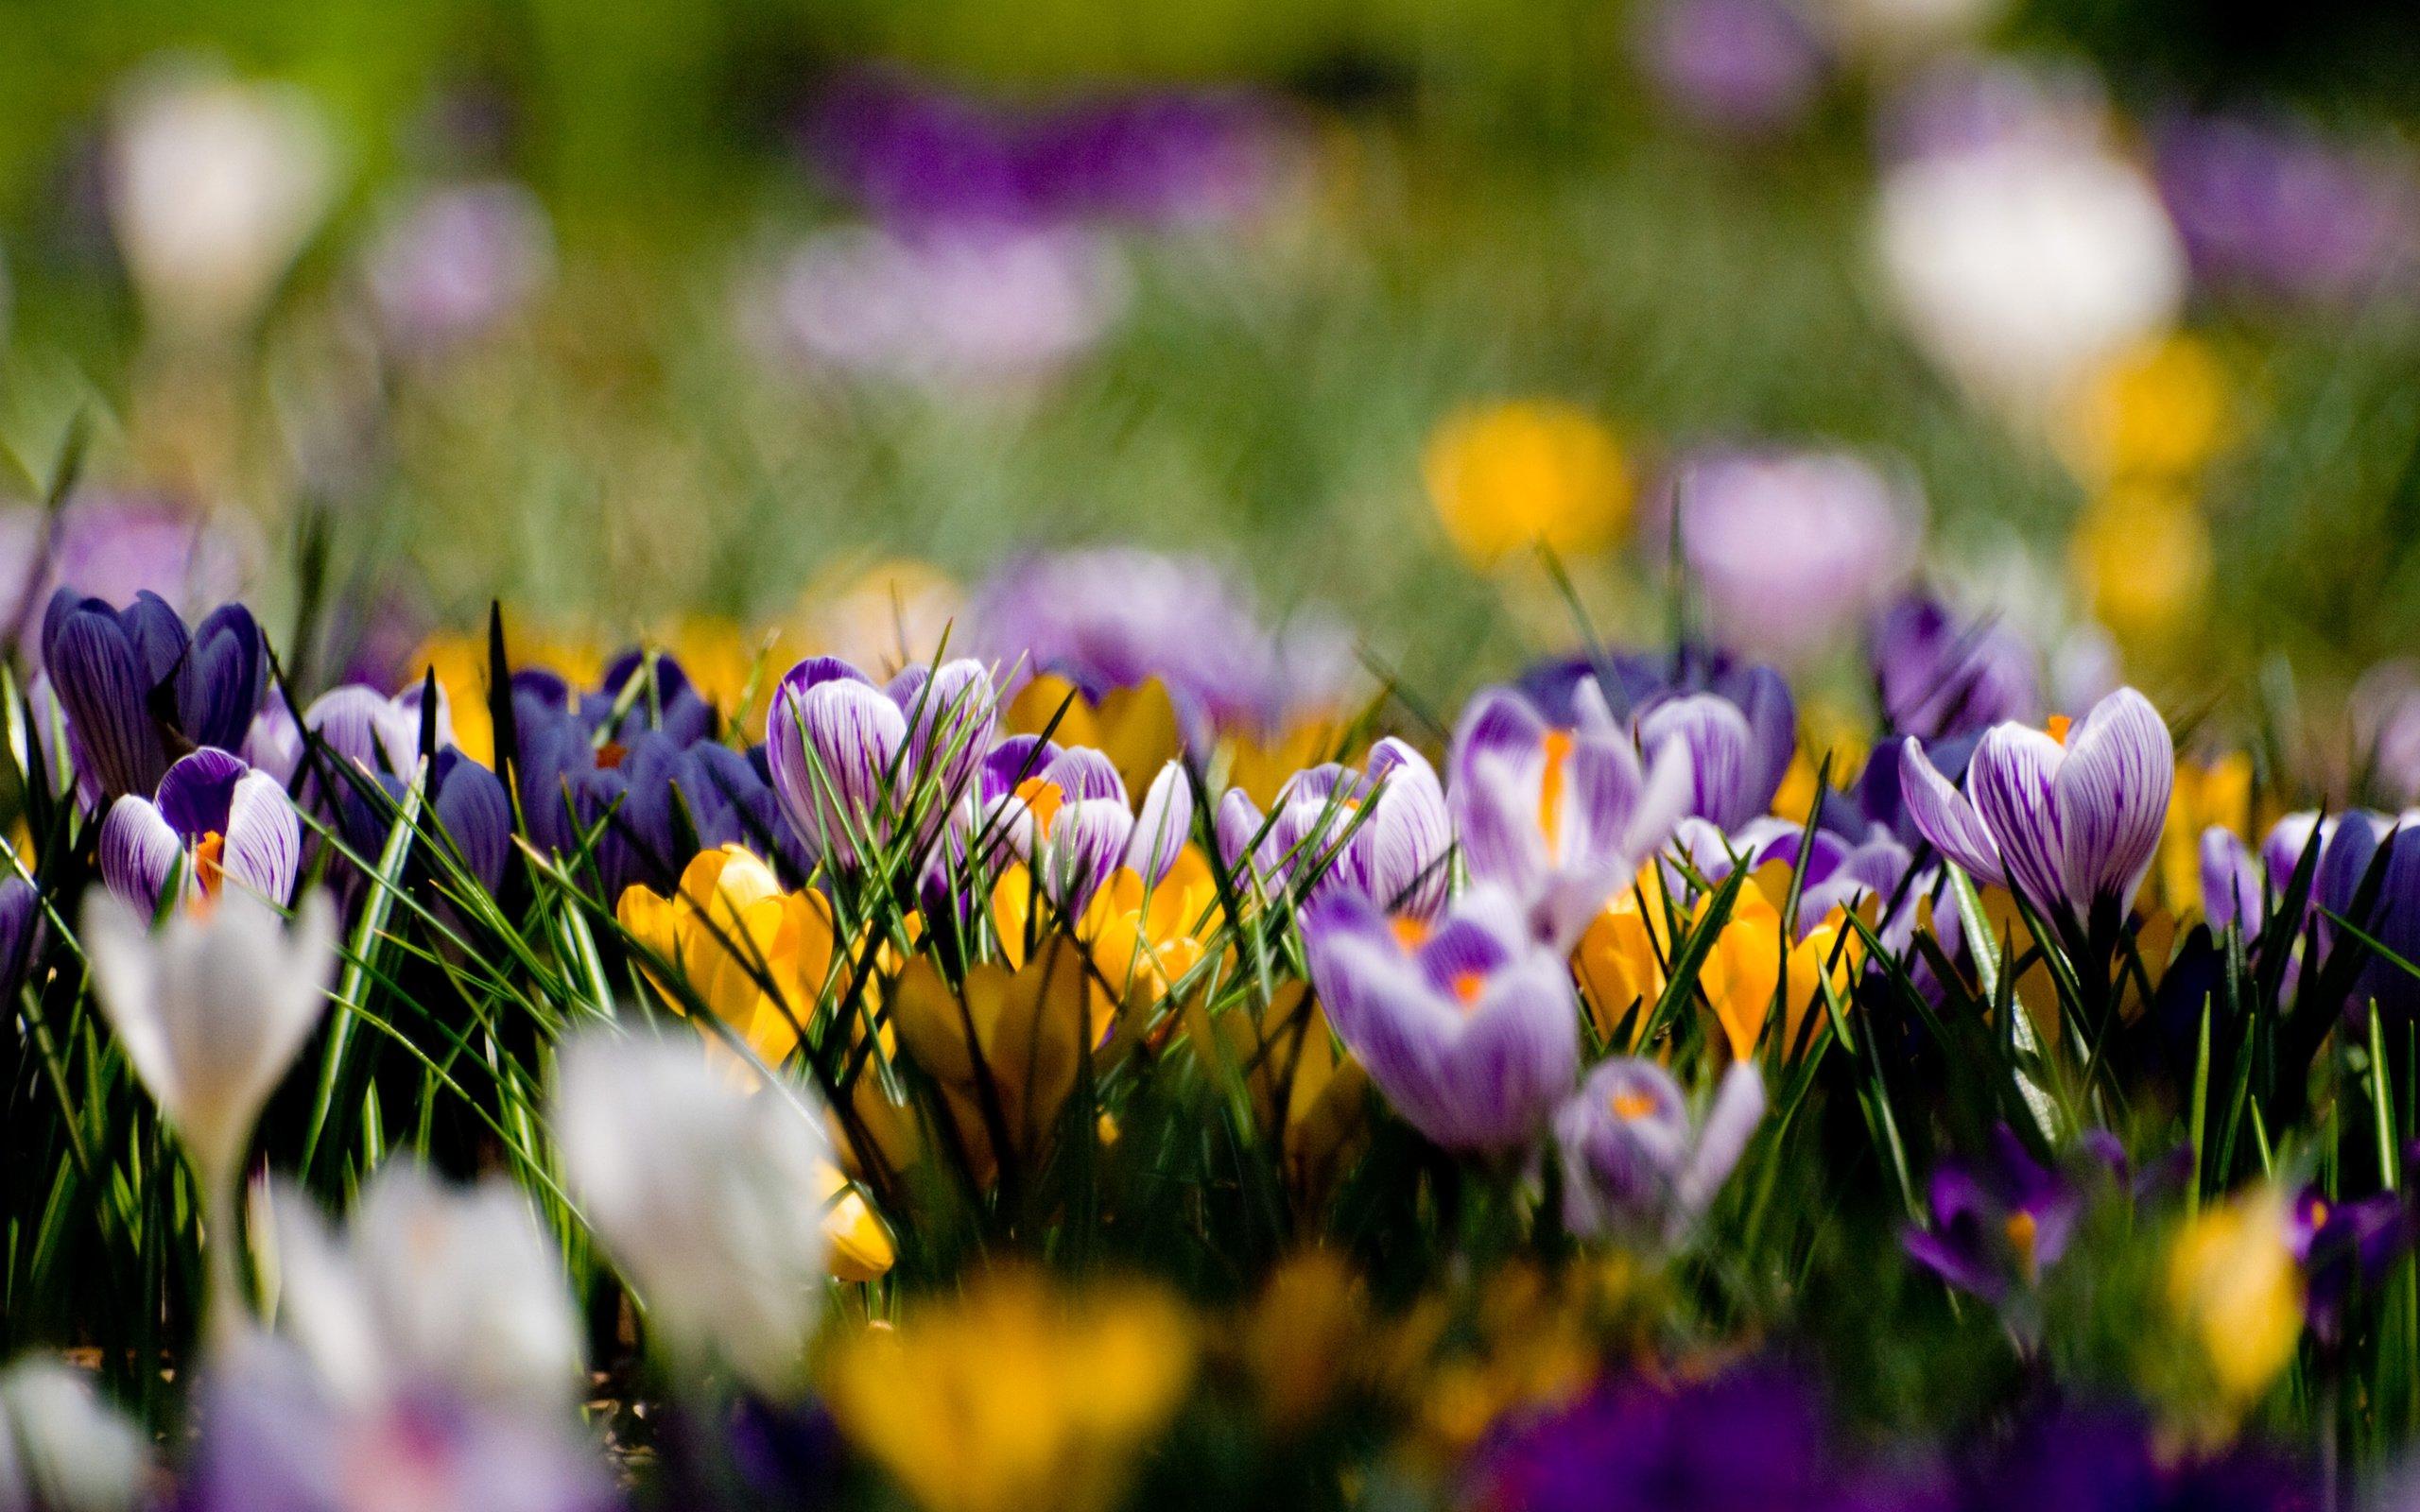 обои во весь экран весна тот цвет, который